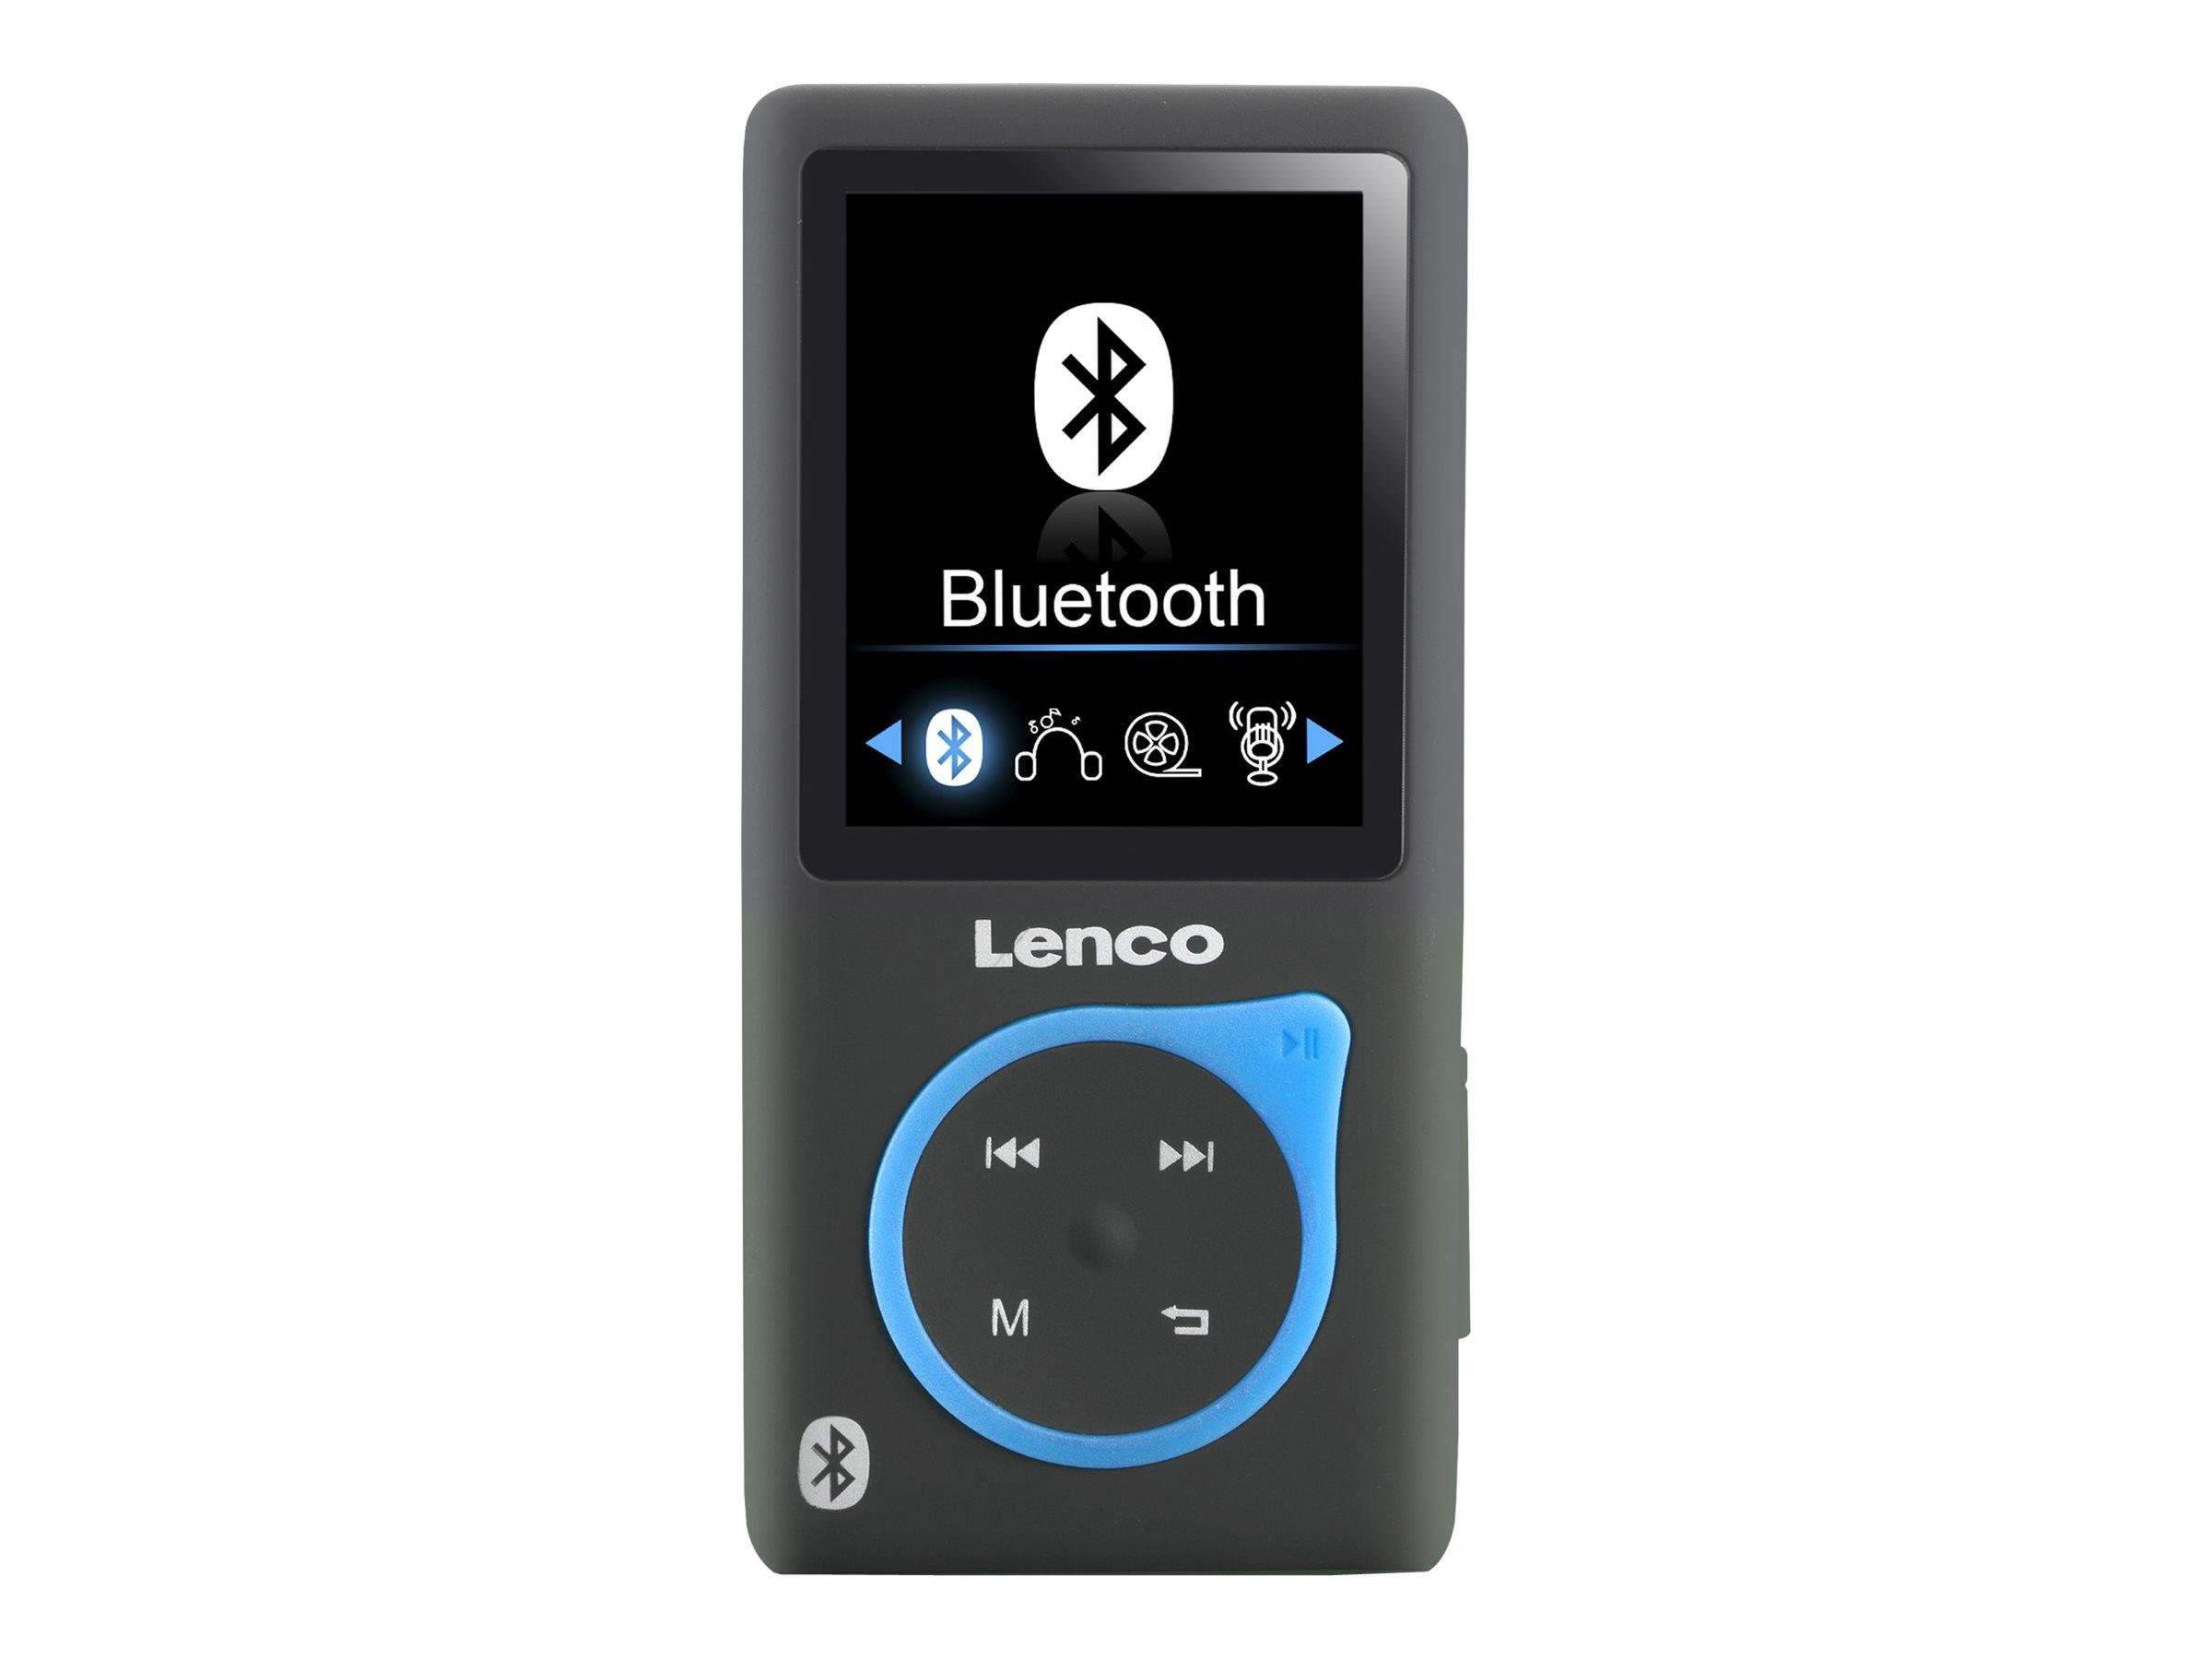 Lenco Xemio-767 BT - Digital Player - 8 GB - Blau